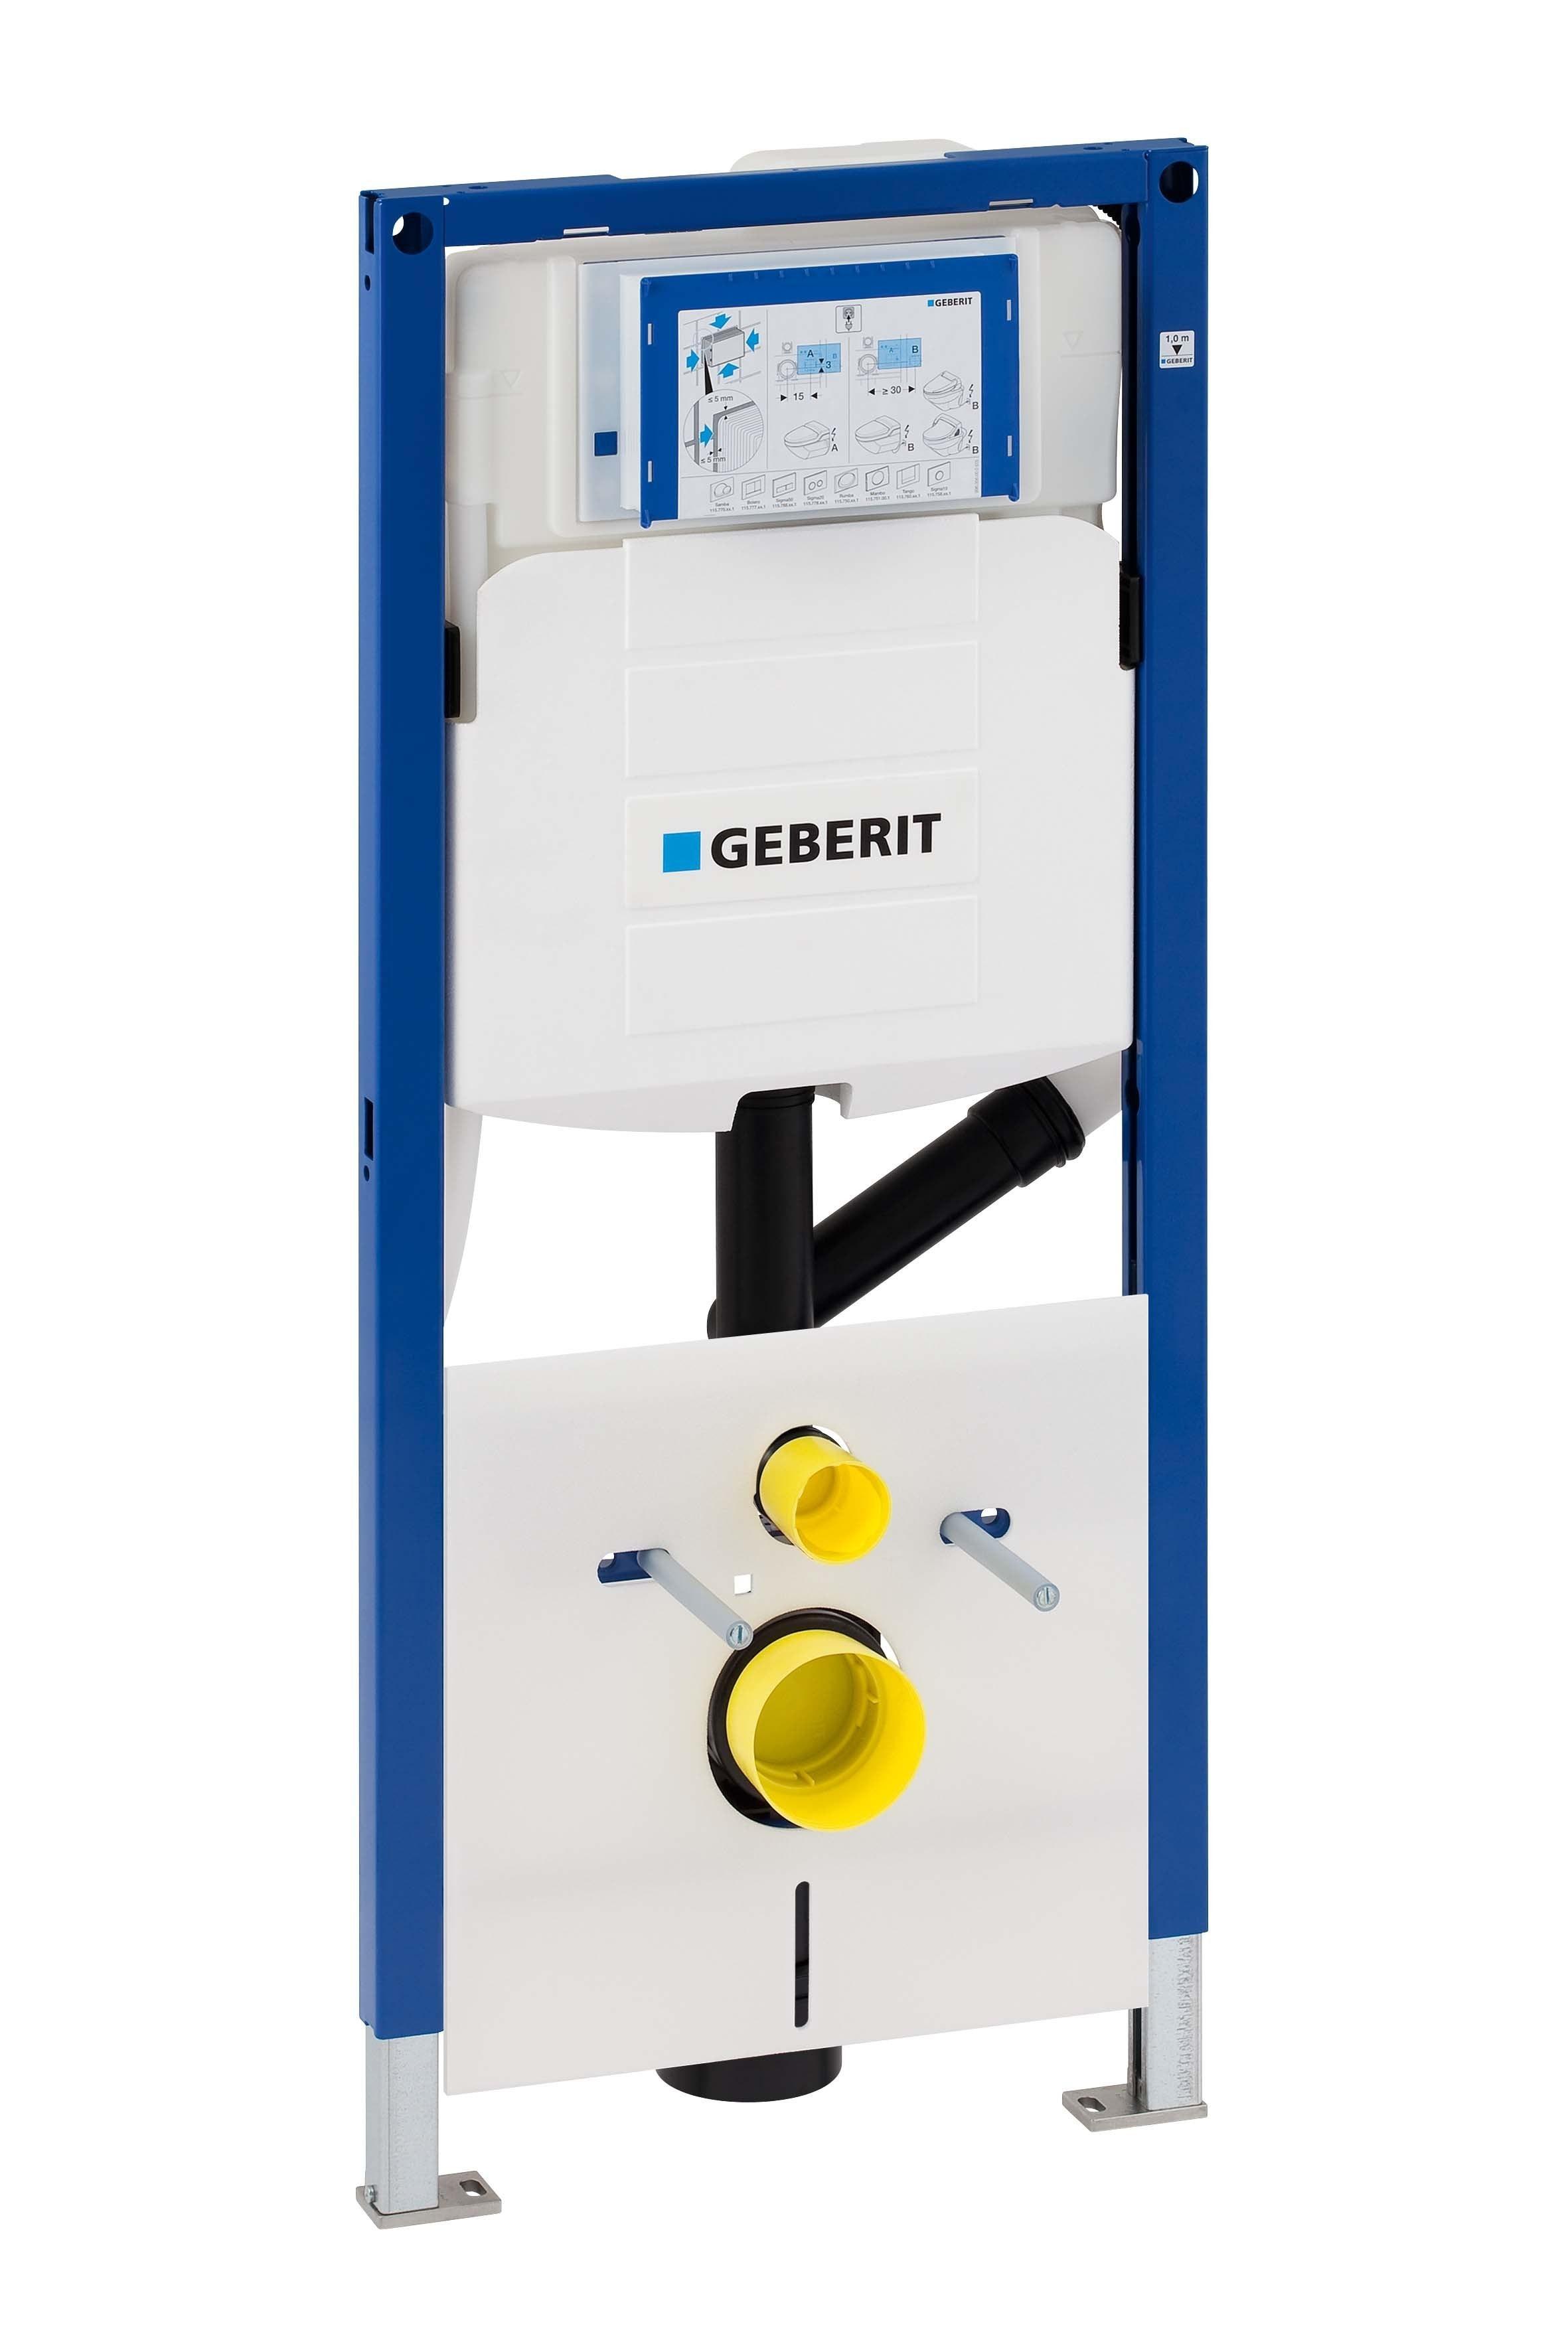 https://www.tegelensanitairmagazijn.nl/5343/inbouwreservoir-ondiep-geberit-duofix-omega-50x82x14-7400119.jpg